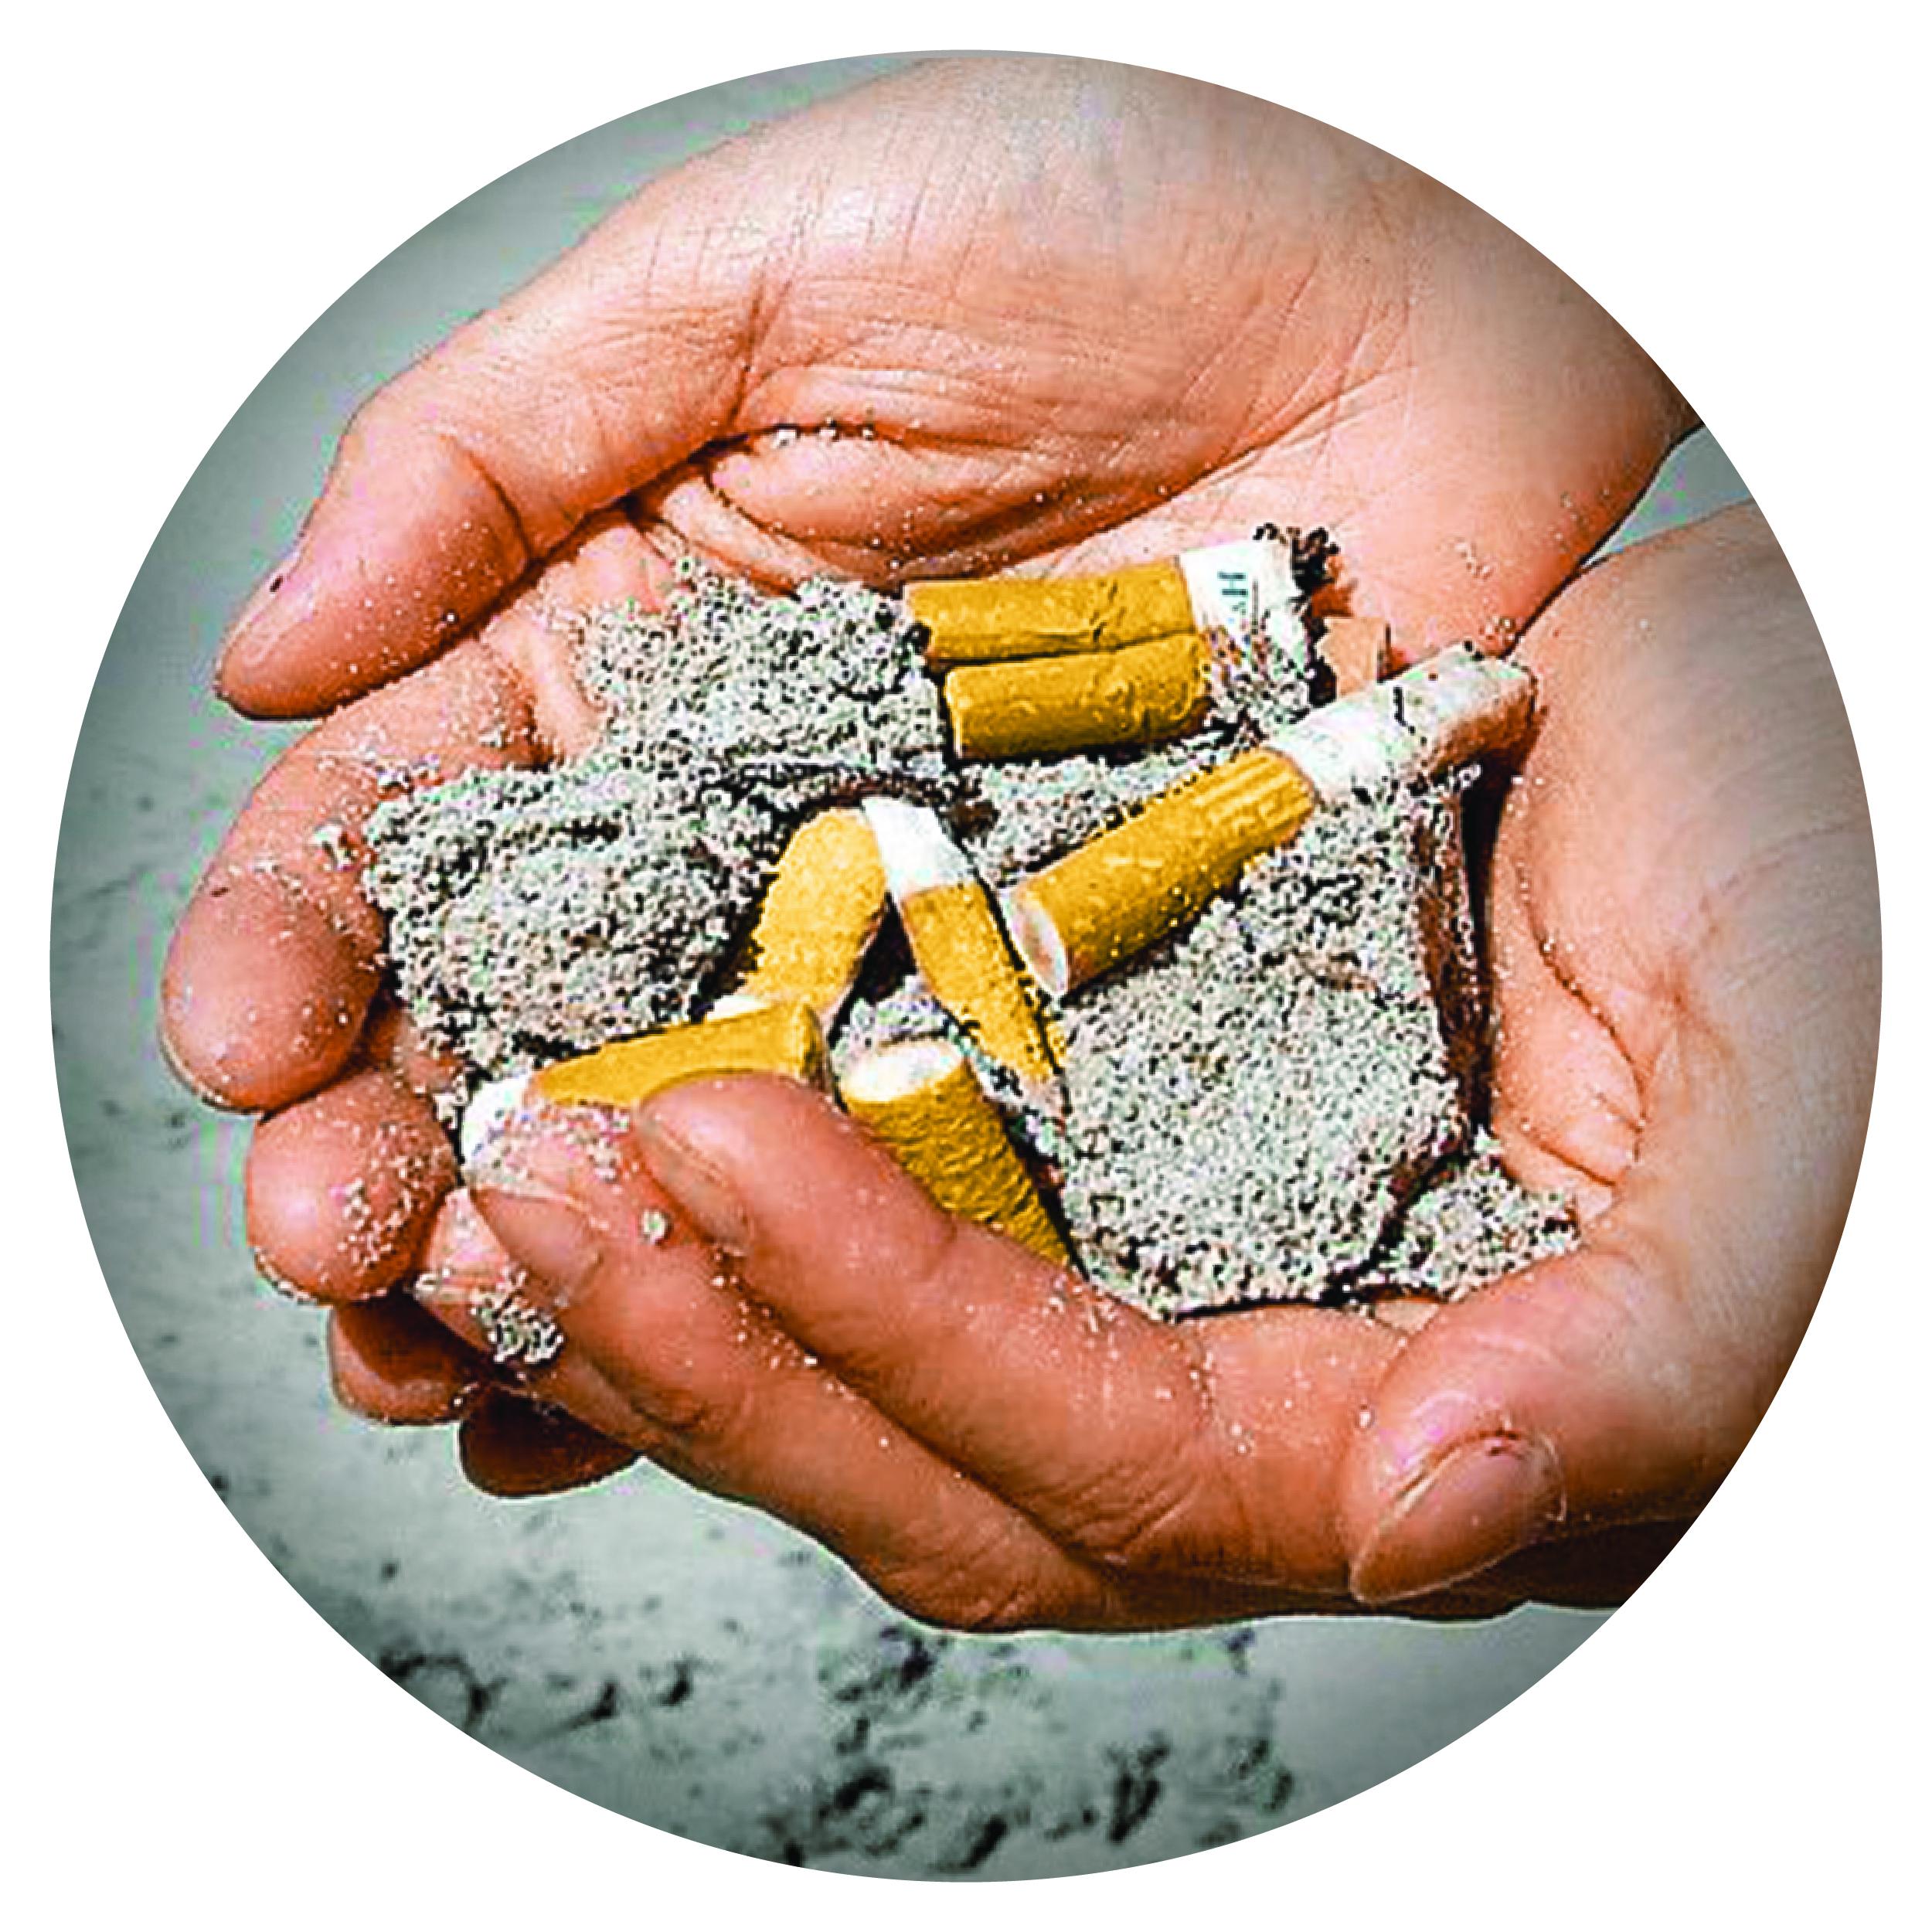 El 35% de los residuos recogidos en labores de limpieza son colillas.